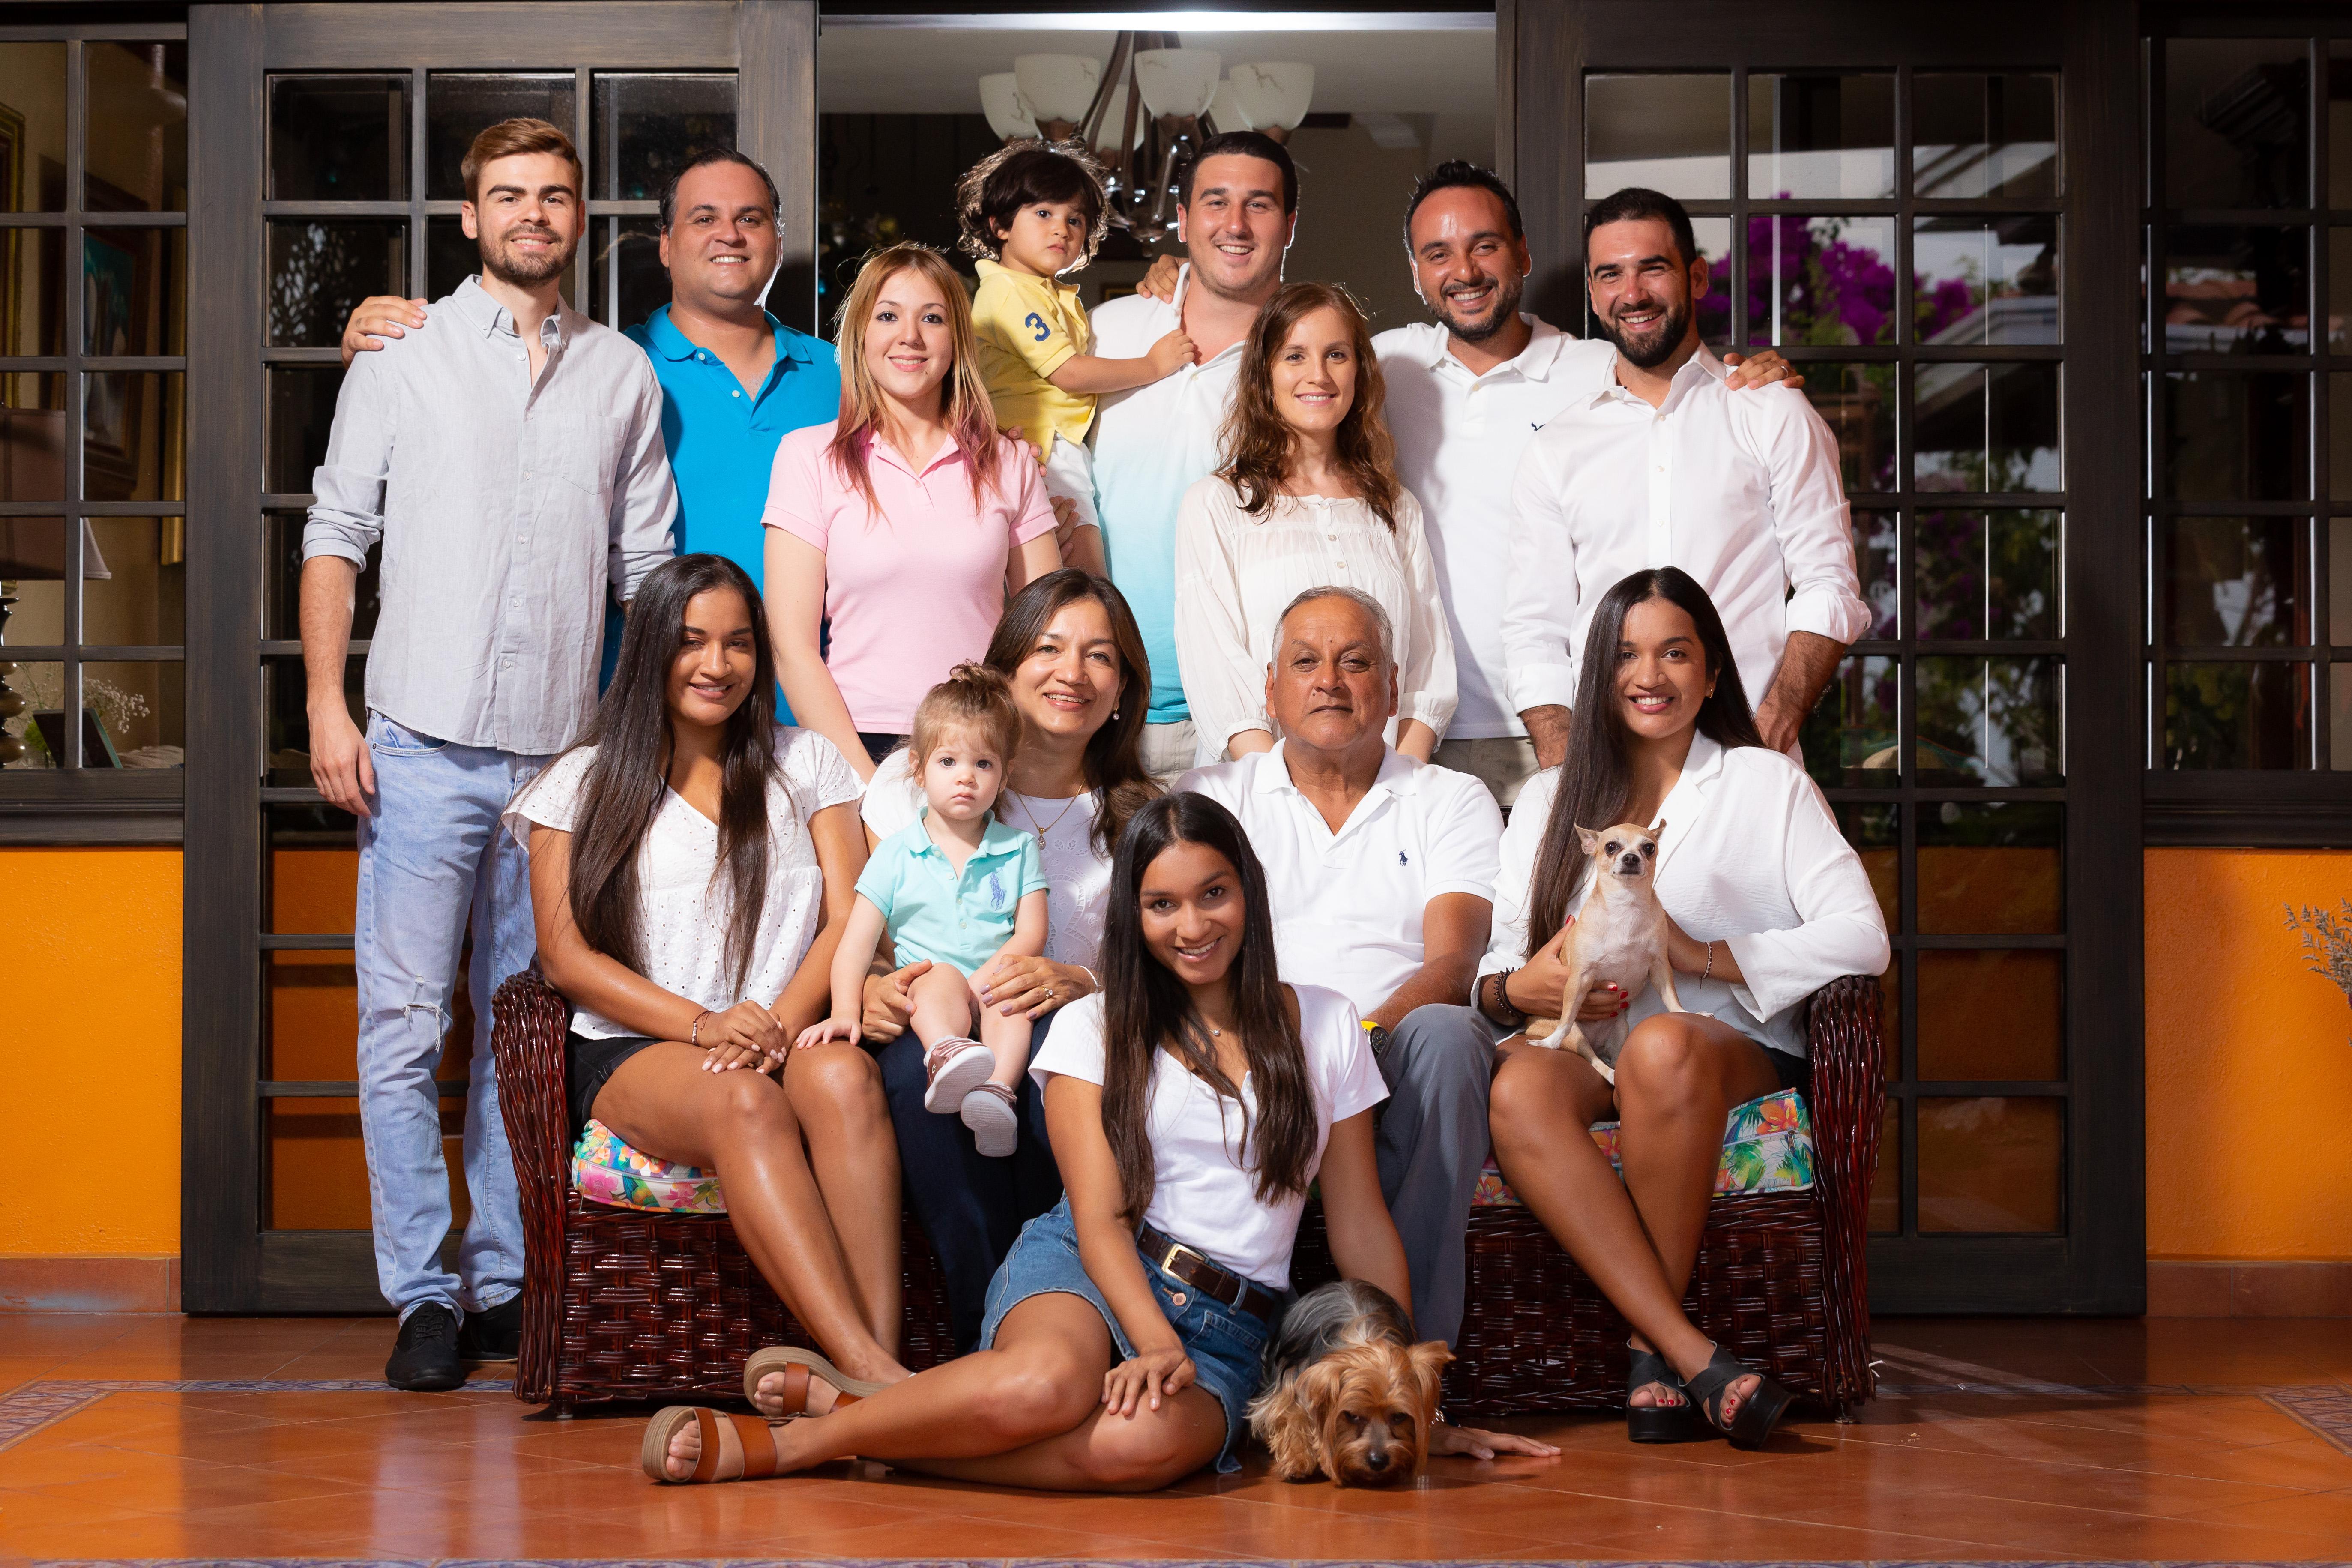 Familia Young Exterior Grupal 19 Portada JL-8822